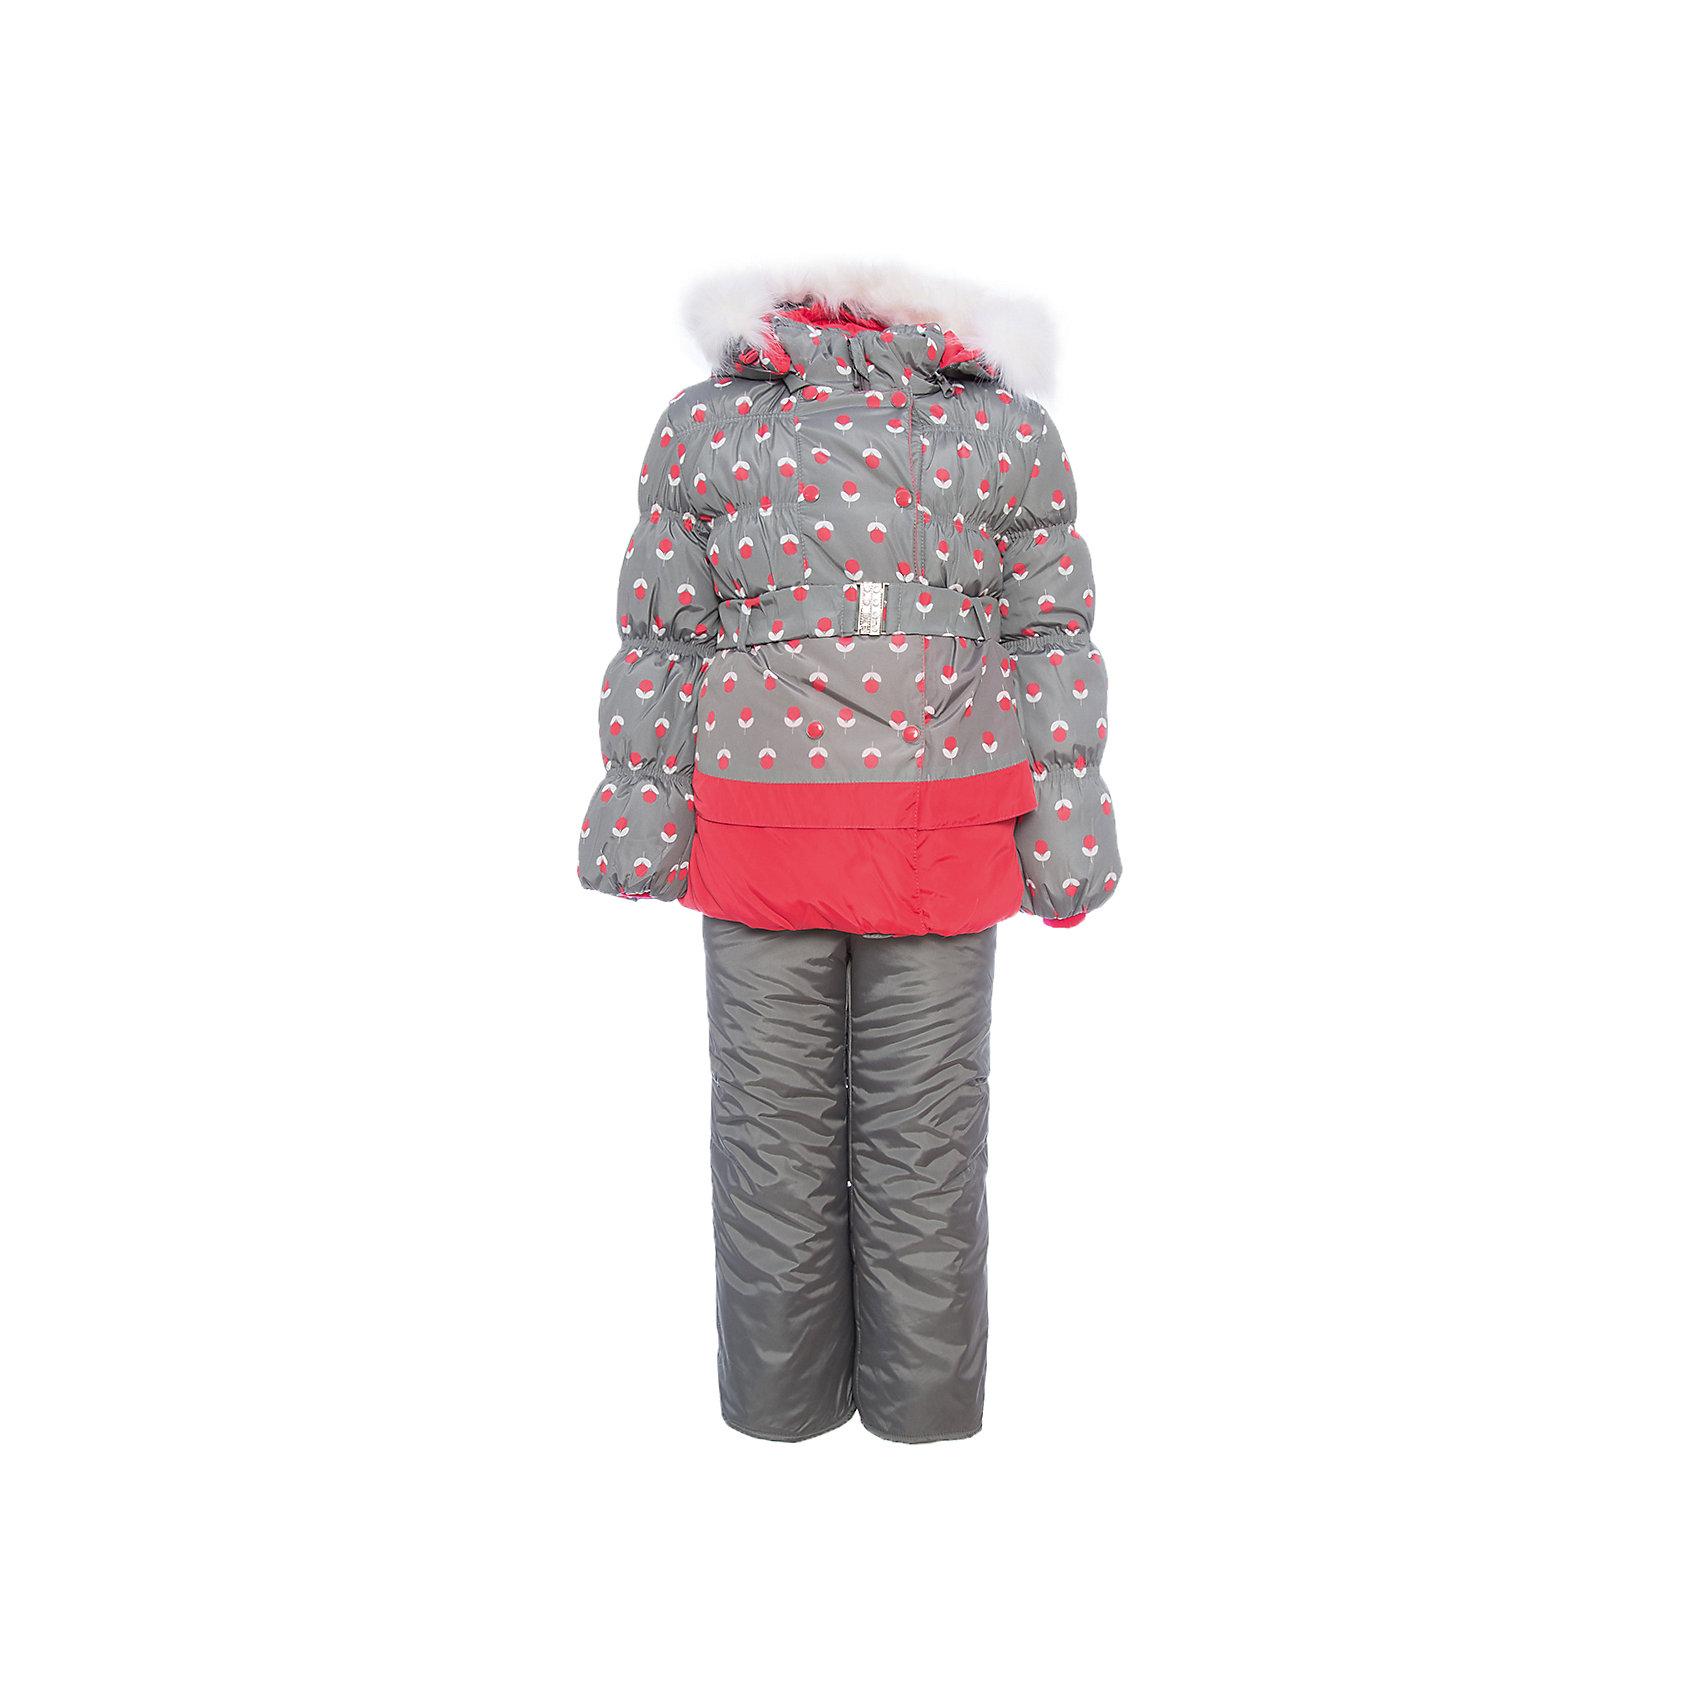 Комплект: куртка и полукомбинезон Вишня OLDOS для девочкиВерхняя одежда<br>Характеристики товара:<br><br>• цвет: коричневый<br>• комплектация: куртка и полукомбинезон<br>• состав ткани: 100% полиэстер, пропитка Teflon<br>• подкладка: хлопок, полиэстер<br>• утеплитель: Hollofan 250/200 г/м2<br>• подстежка: 60% шерсть, 40% полиэстер<br>• сезон: зима<br>• температурный режим: от -35 до 0<br>• застежка: молния<br>• капюшон: с мехом, съемный<br>• подстежка в комплекте<br>• страна бренда: Россия<br>• страна изготовитель: Россия<br><br>Теплый комплект для девочки симпатично смотрится и удобно сидит. Костюм отлично подходит для суровой русской зимы благодаря хорошему утеплителю и пропитке верха от влаги и грязи. Подкладка зимнего комплекта сделана из хлопка и полиэстера, приятных на ощупь. Зимний костюм для девочки дополнен элементами, помогающими скорректировать размер точно под ребенка. <br><br>Комплект: куртка и полукомбинезон Вишня Oldos (Олдос) для девочки можно купить в нашем интернет-магазине.<br><br>Ширина мм: 356<br>Глубина мм: 10<br>Высота мм: 245<br>Вес г: 519<br>Цвет: коралловый<br>Возраст от месяцев: 60<br>Возраст до месяцев: 72<br>Пол: Женский<br>Возраст: Детский<br>Размер: 116,86,92,98,104,110<br>SKU: 7016862